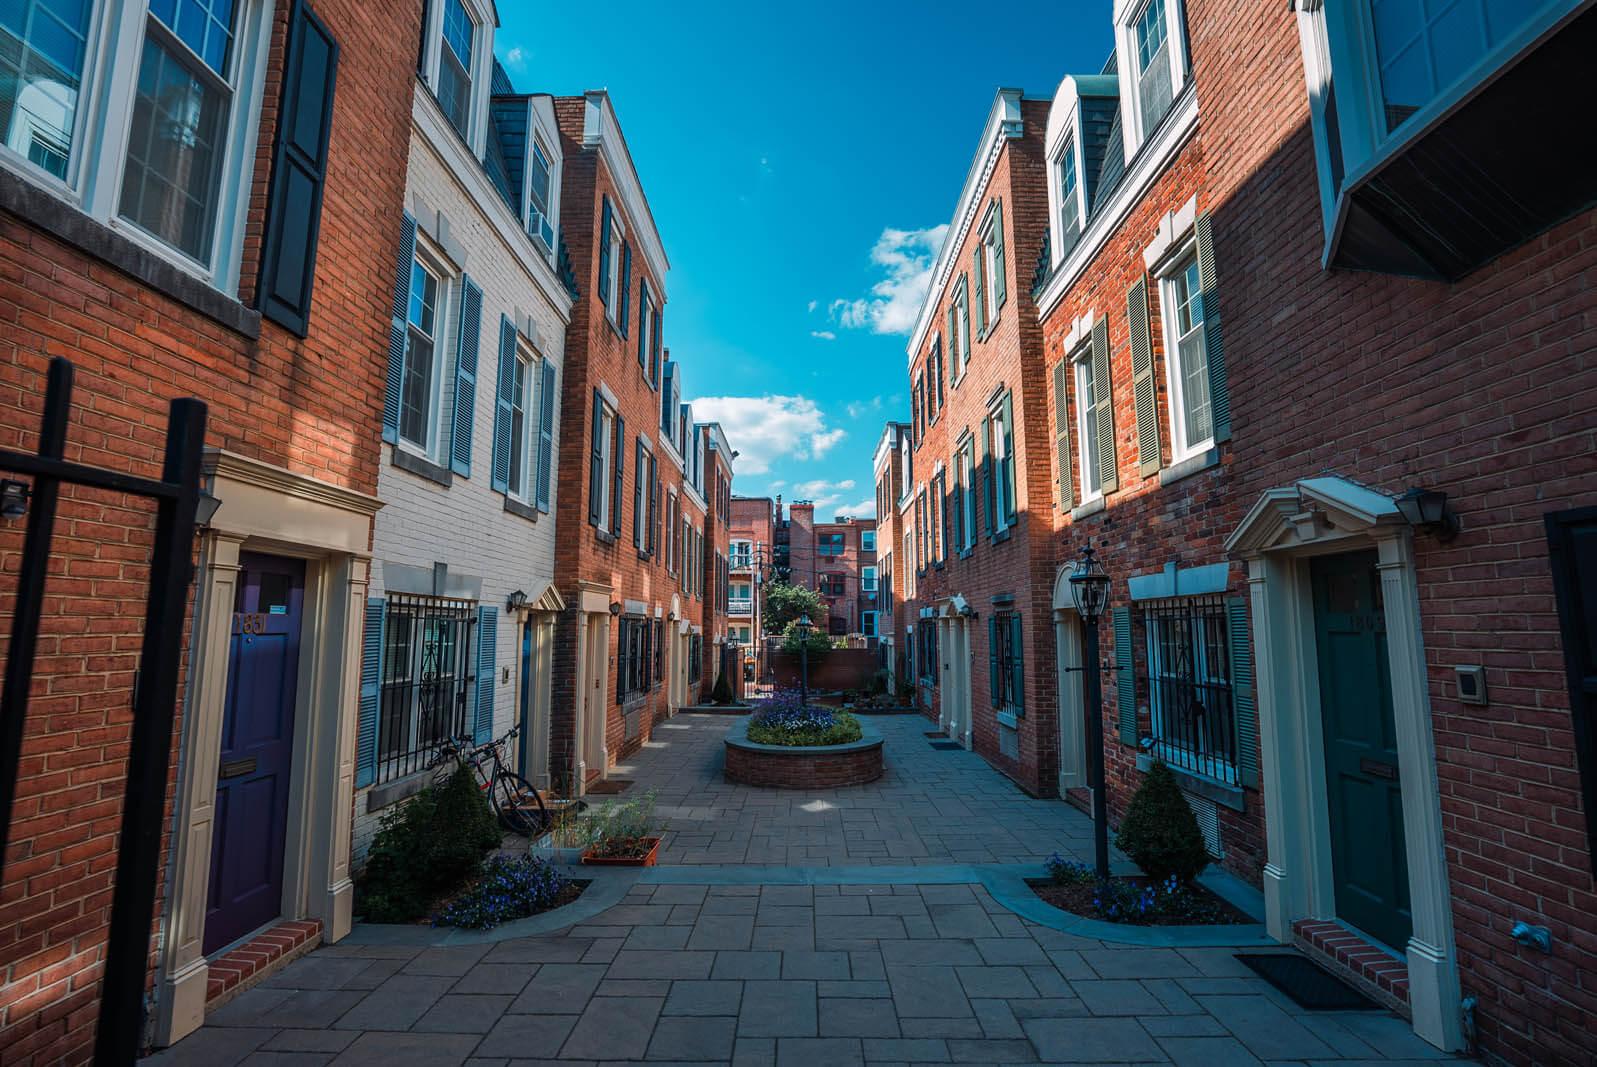 beautiful alley of homes in Adams Morgan neighborhood of Washington DC